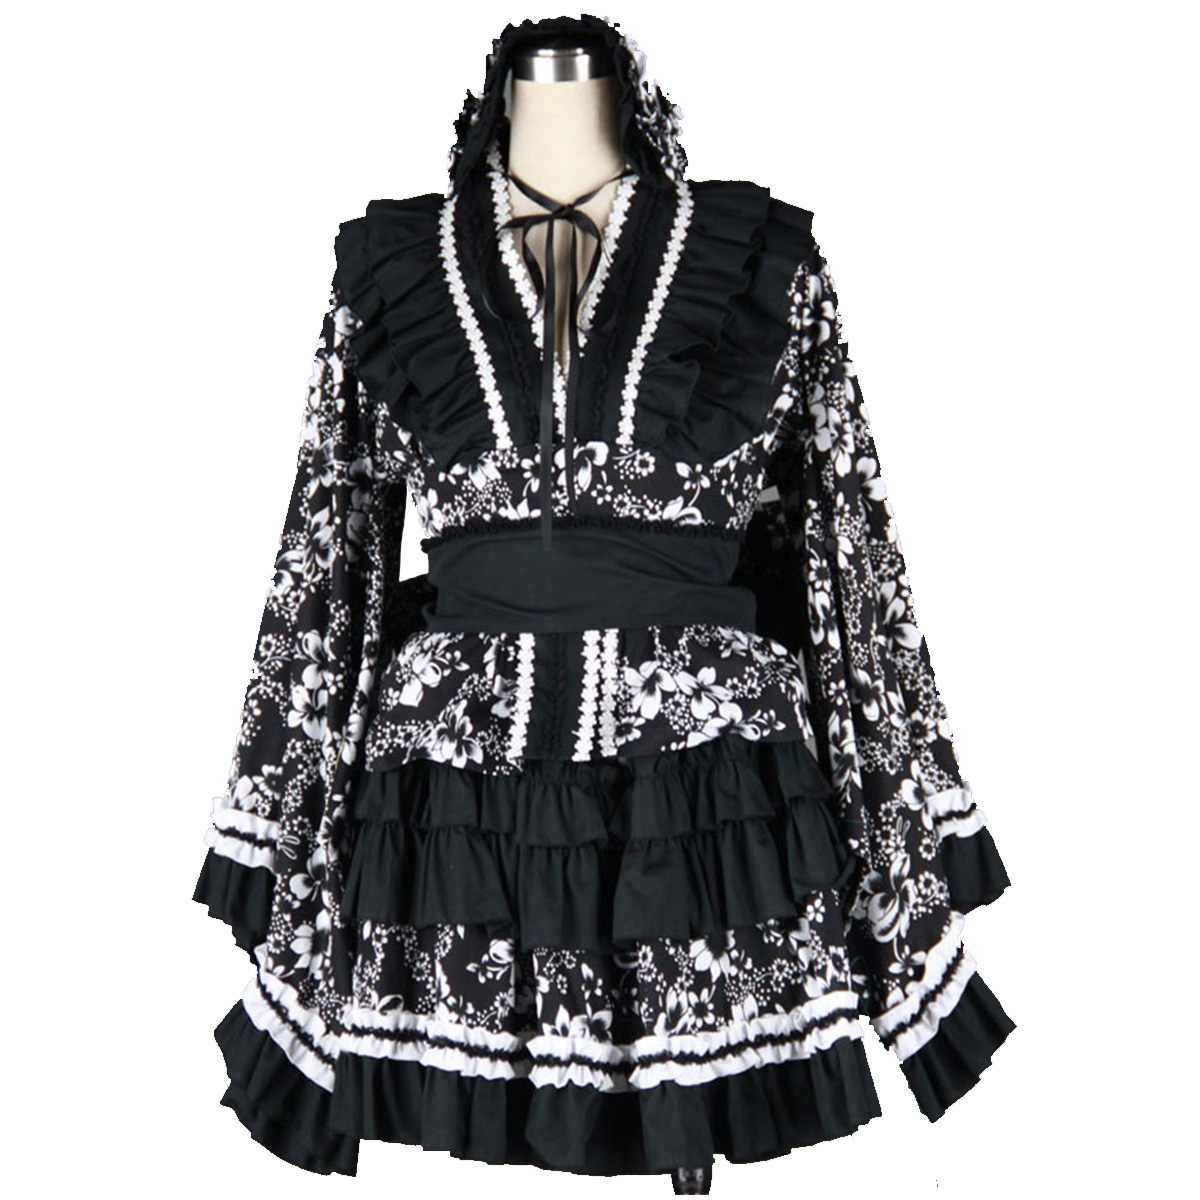 Fantasias Cultura Lolita Preto Pano Vestidos Kimono Trajes Cosplay